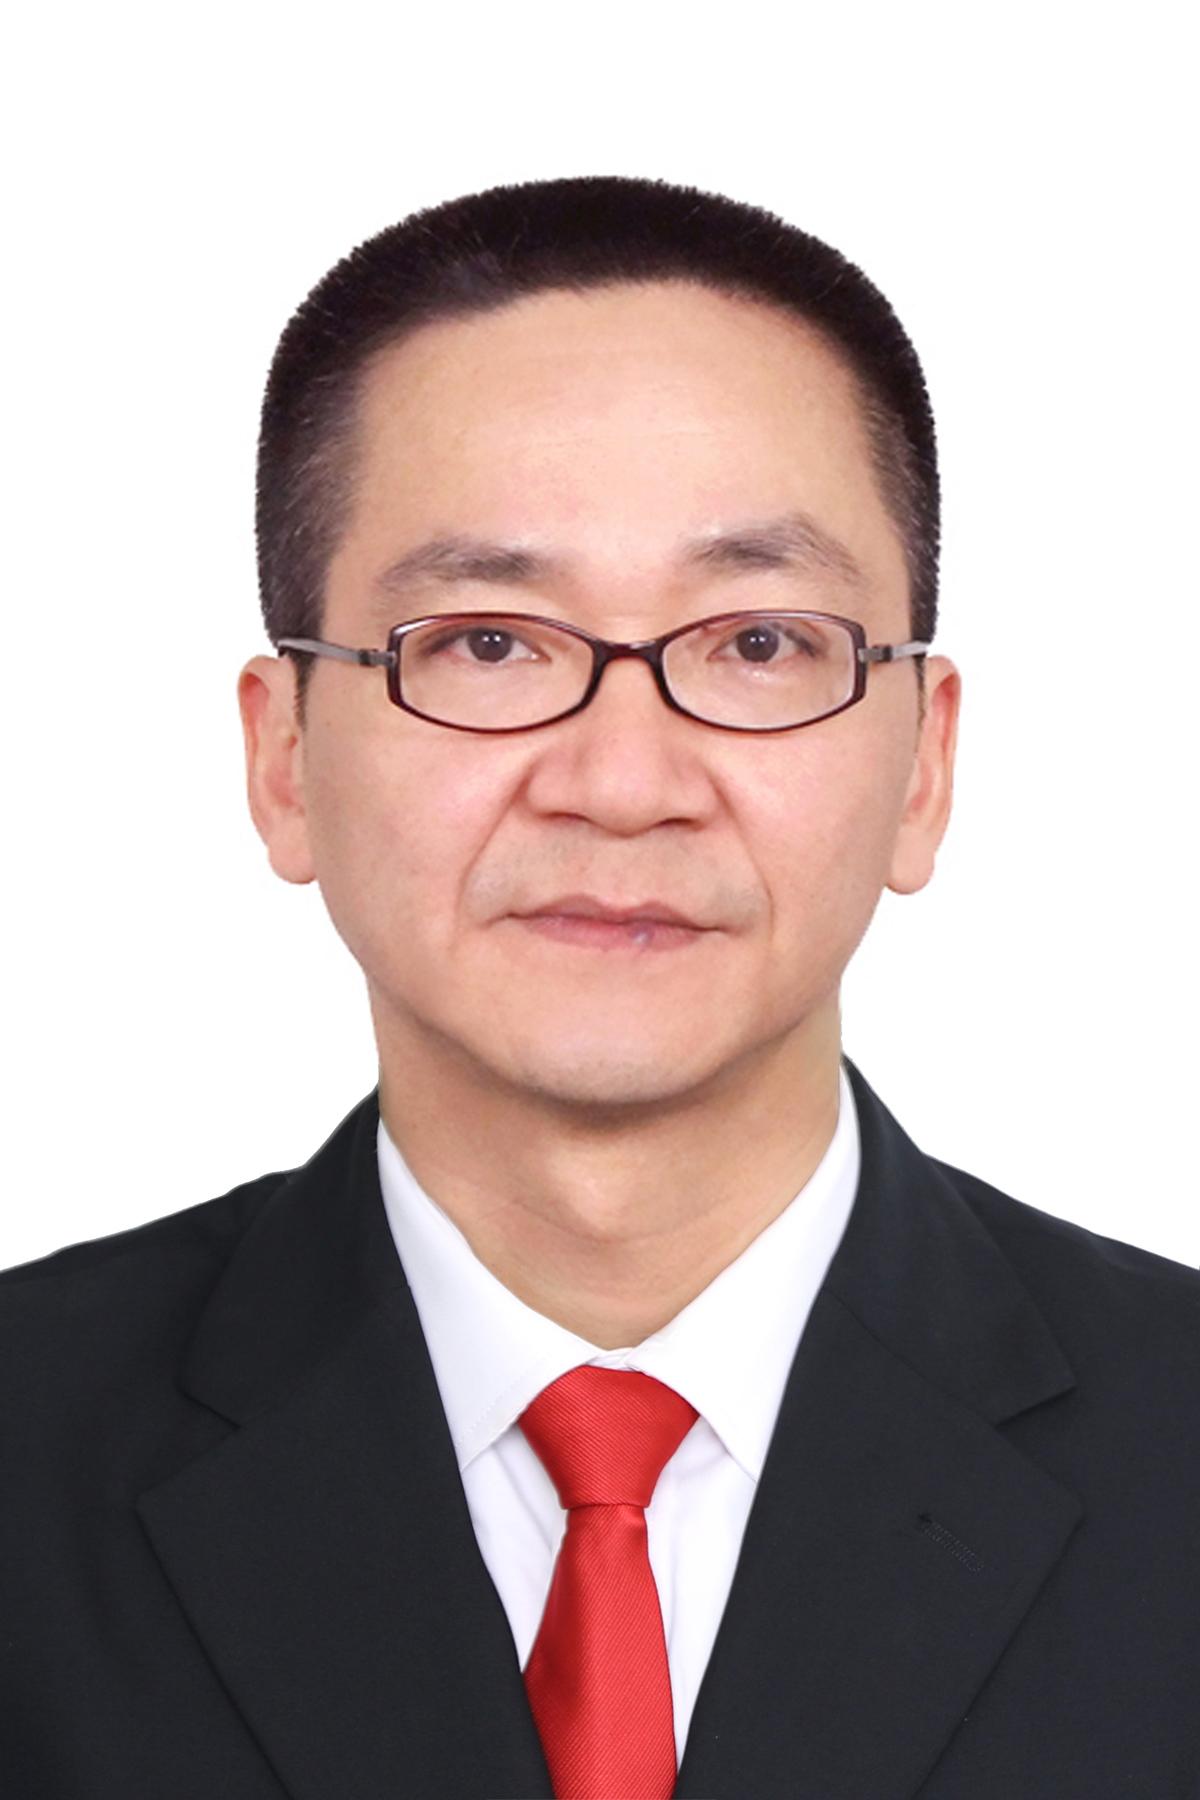 虞伟庆律师(无党派人士)